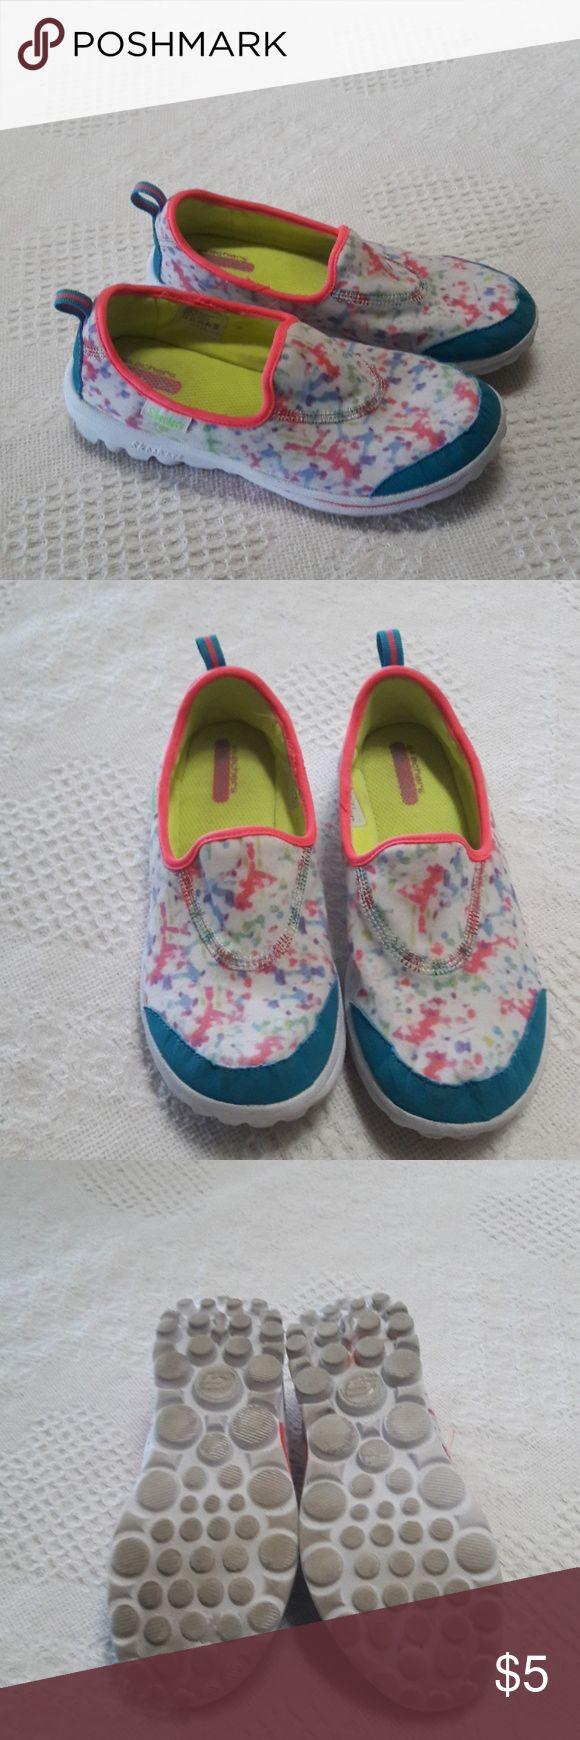 Skechers slip on sneakers Size 3.5 Skechers Shoes Sneakers